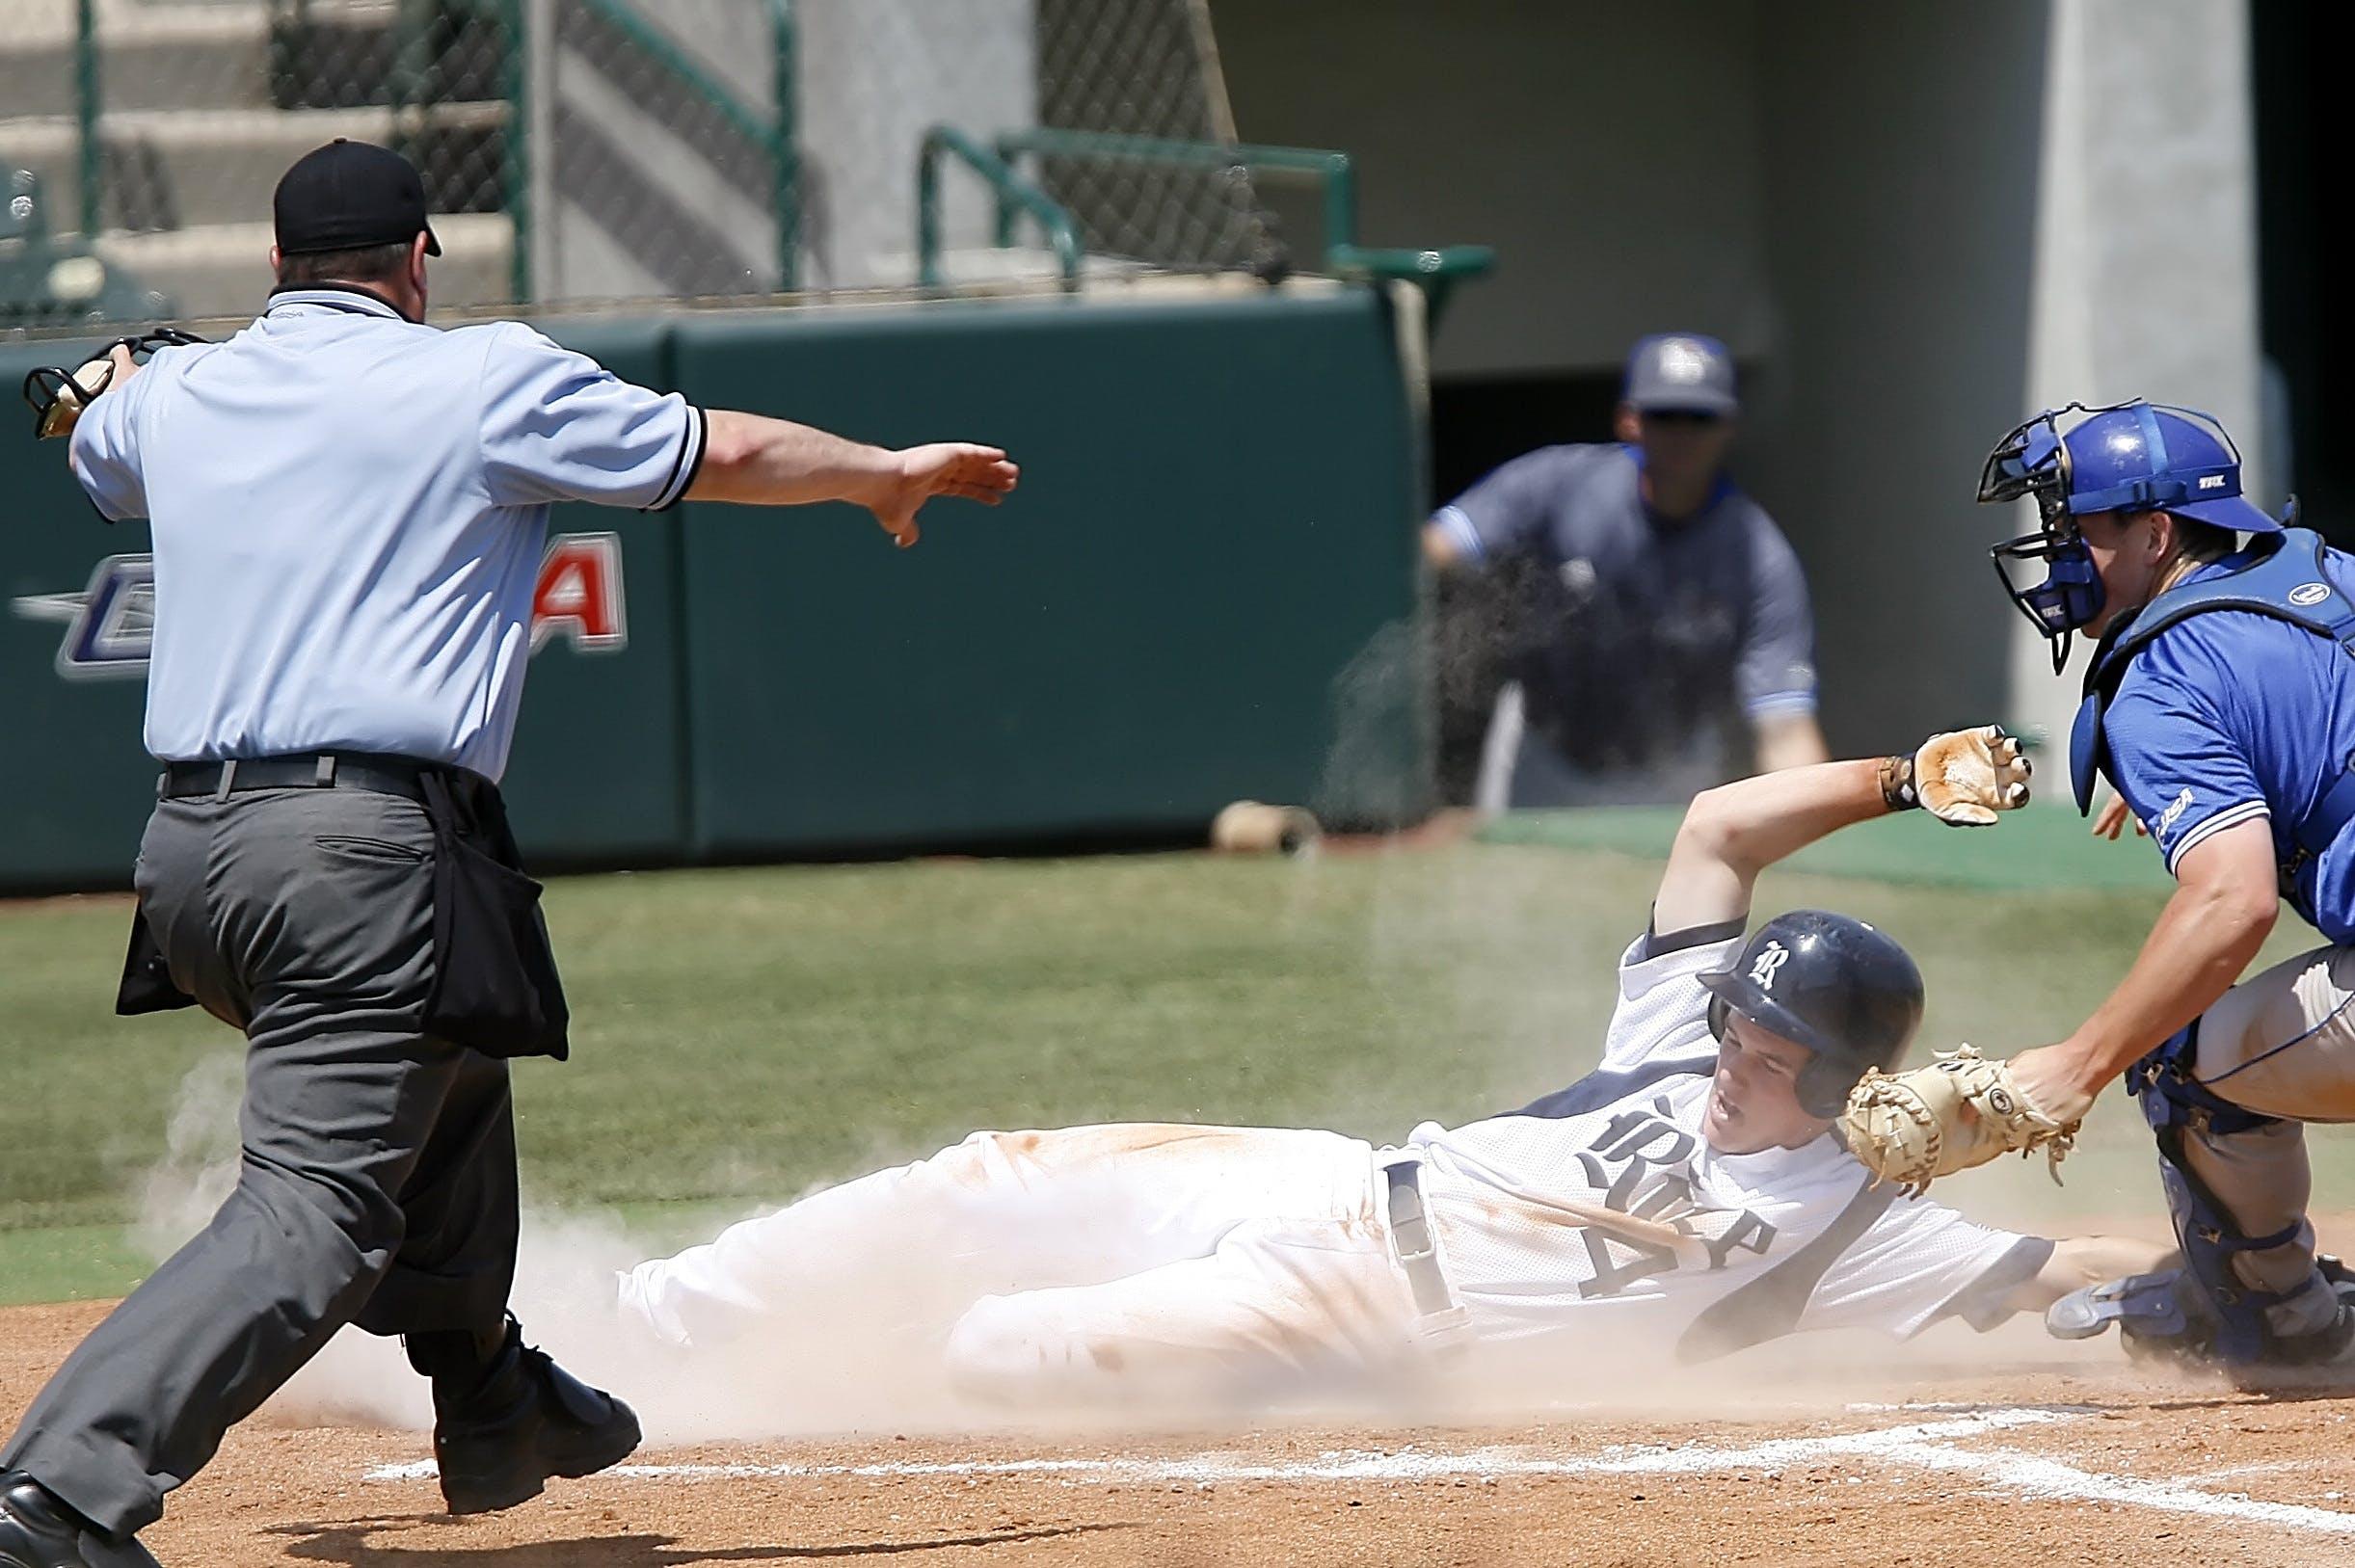 atletes, beisbol, esport